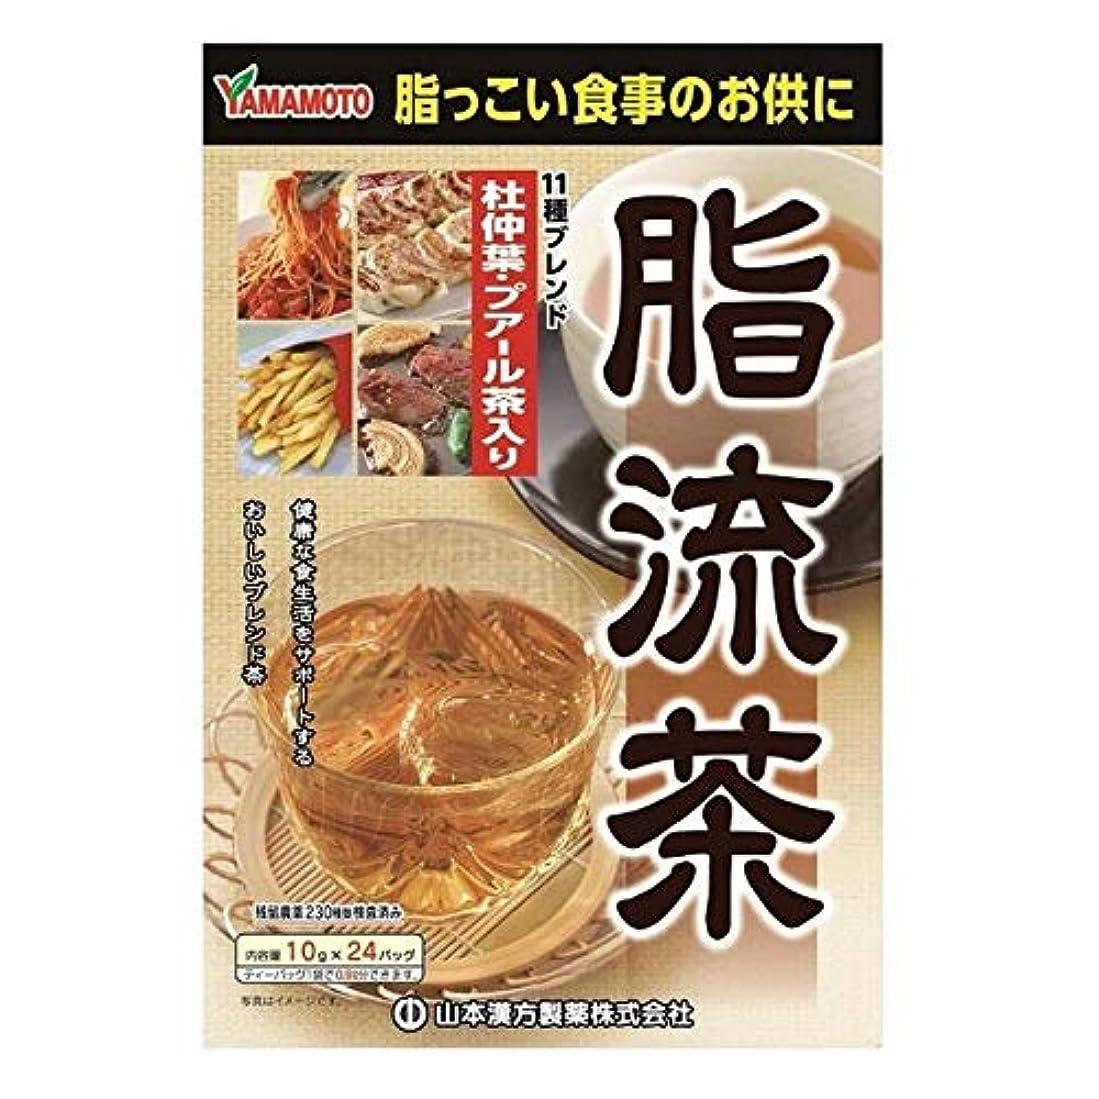 マトロン忠実とても多くの【5個セット】山本漢方製薬 脂流茶 10gX24H ×5個セット